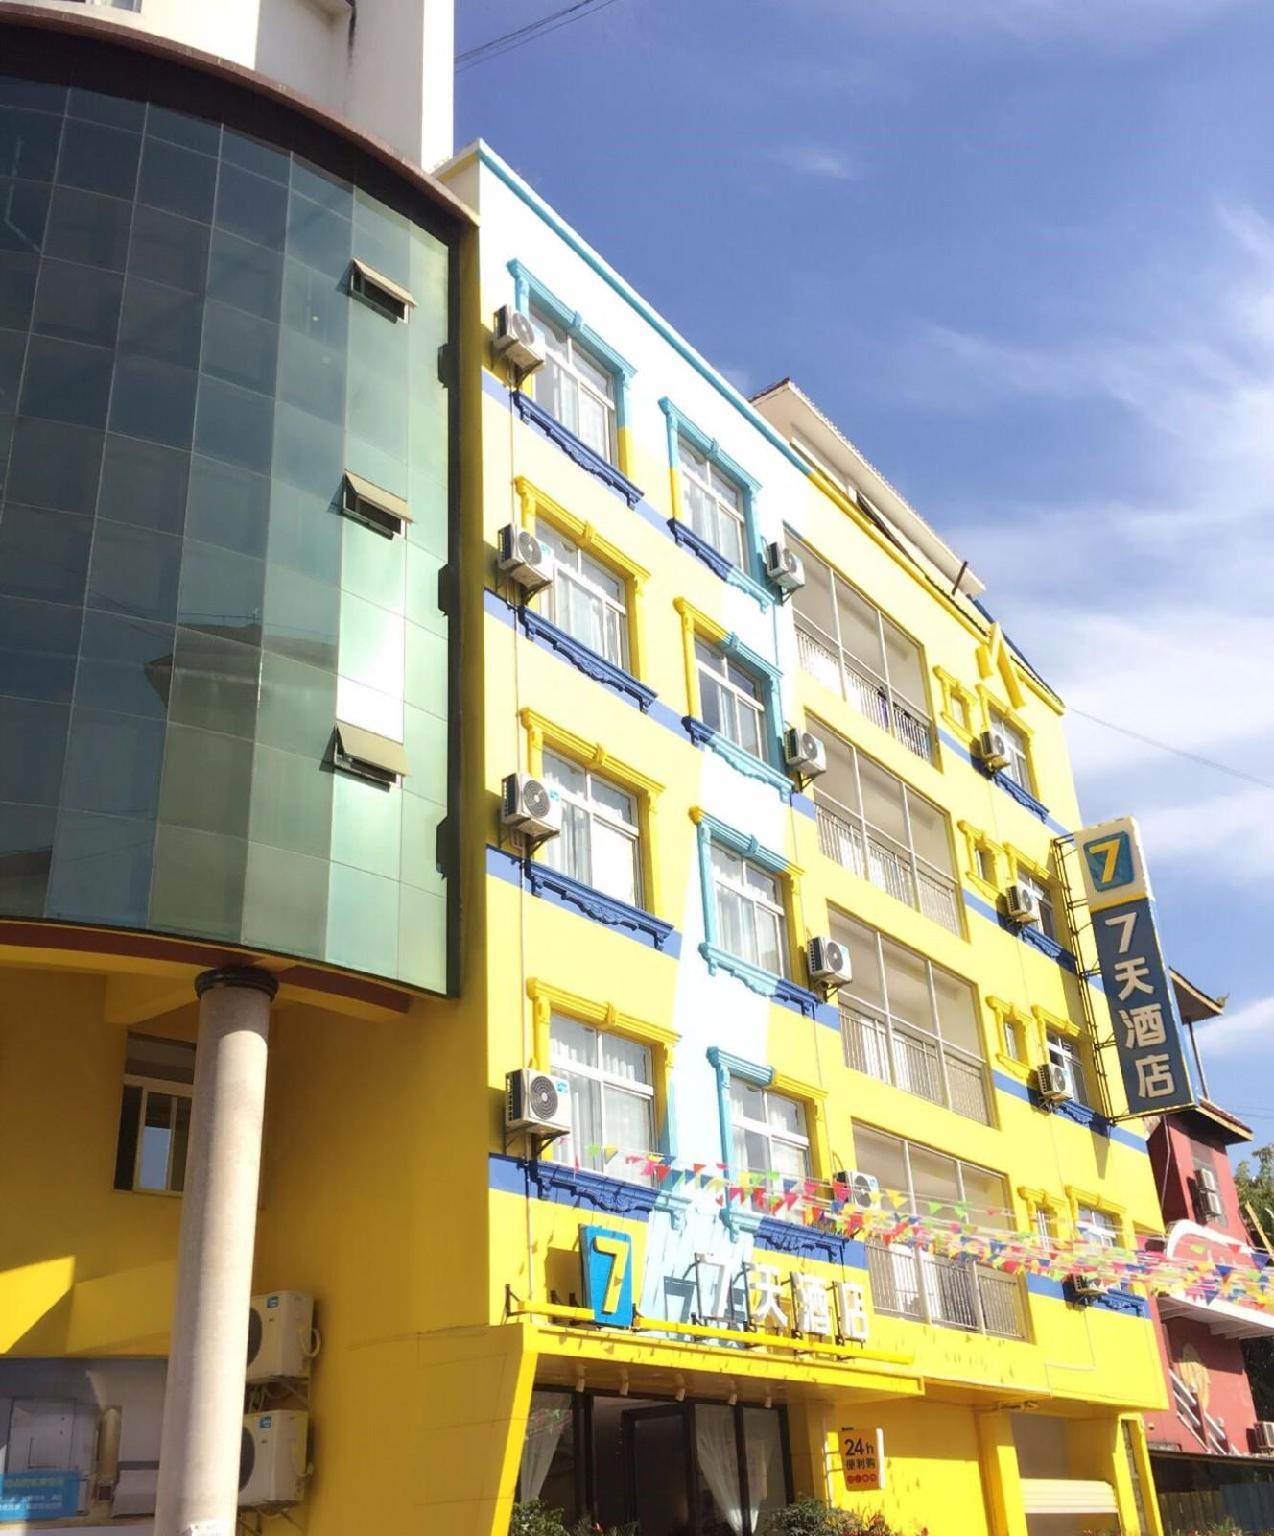 7 Days Inn�Xishaungbanna South Bus Station